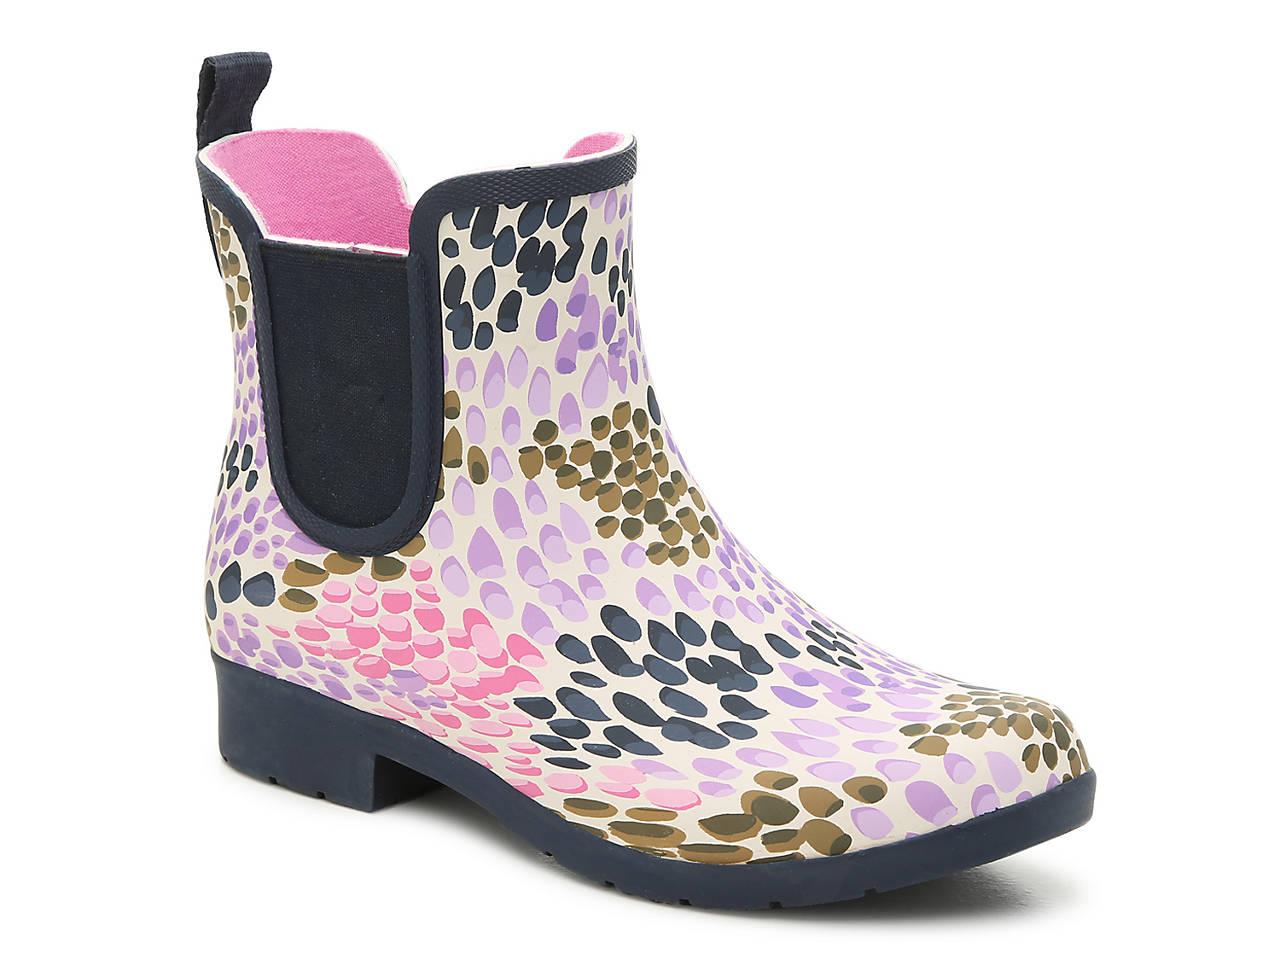 Eastlake Gail Rain Boot by Chooka